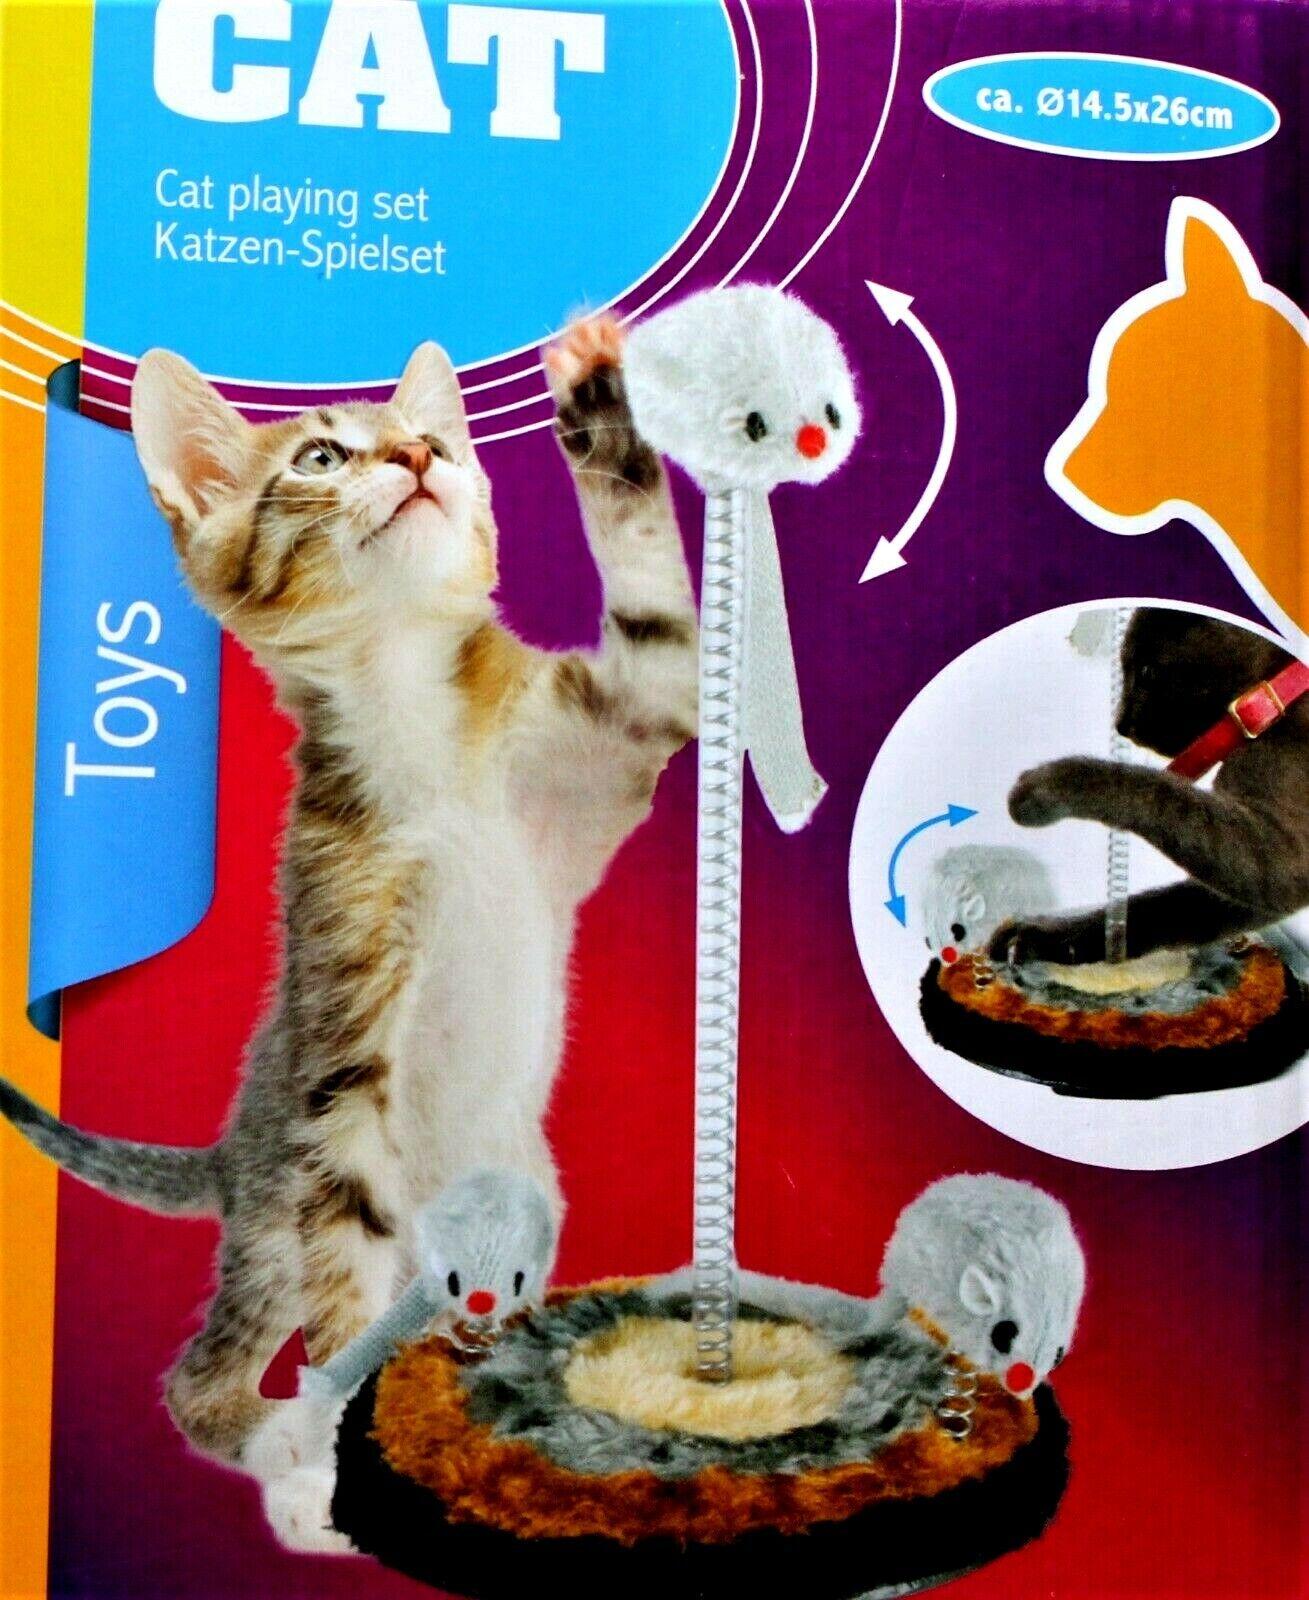 Katzenspielzeug Katzen Spielset mit Maus Katzen Spiel Set Spielzeug für Katzen